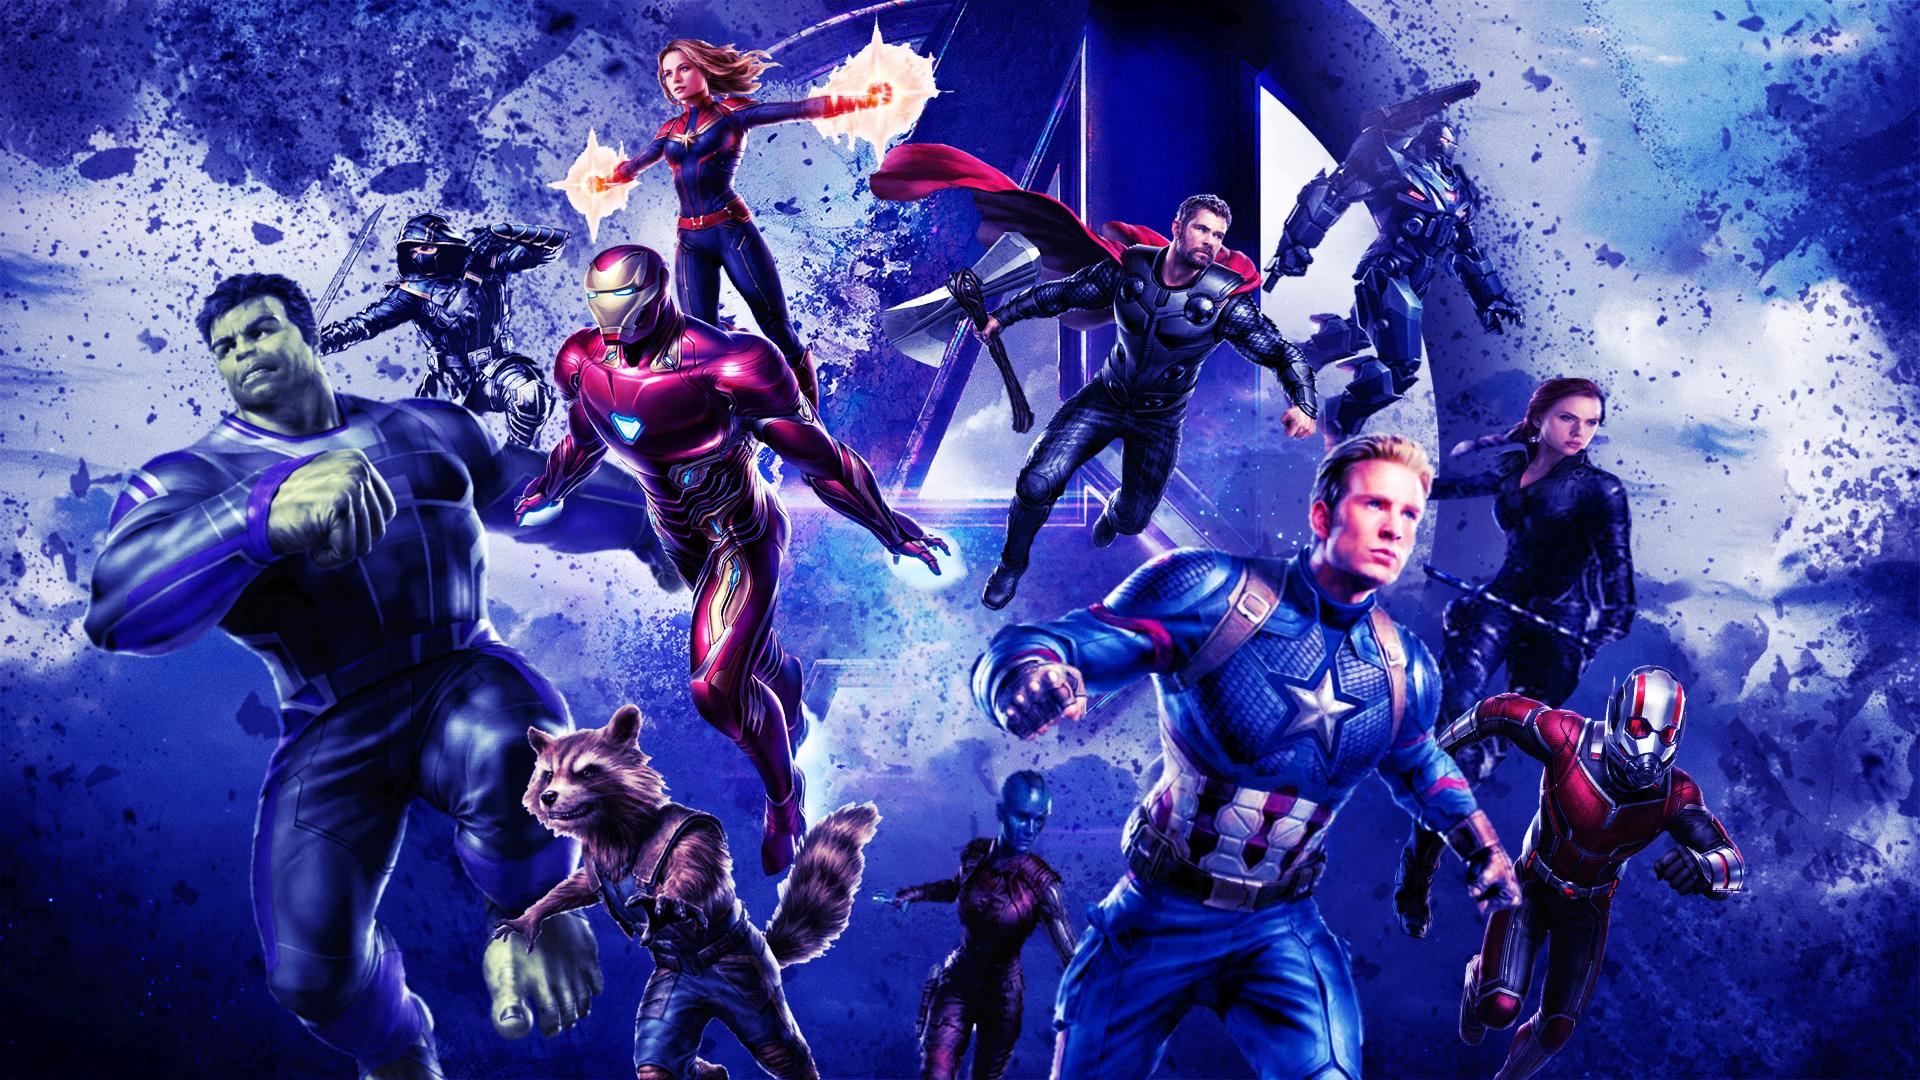 Avengers Endgame Wallpaper By The Dark Mamba 995 On Deviantart